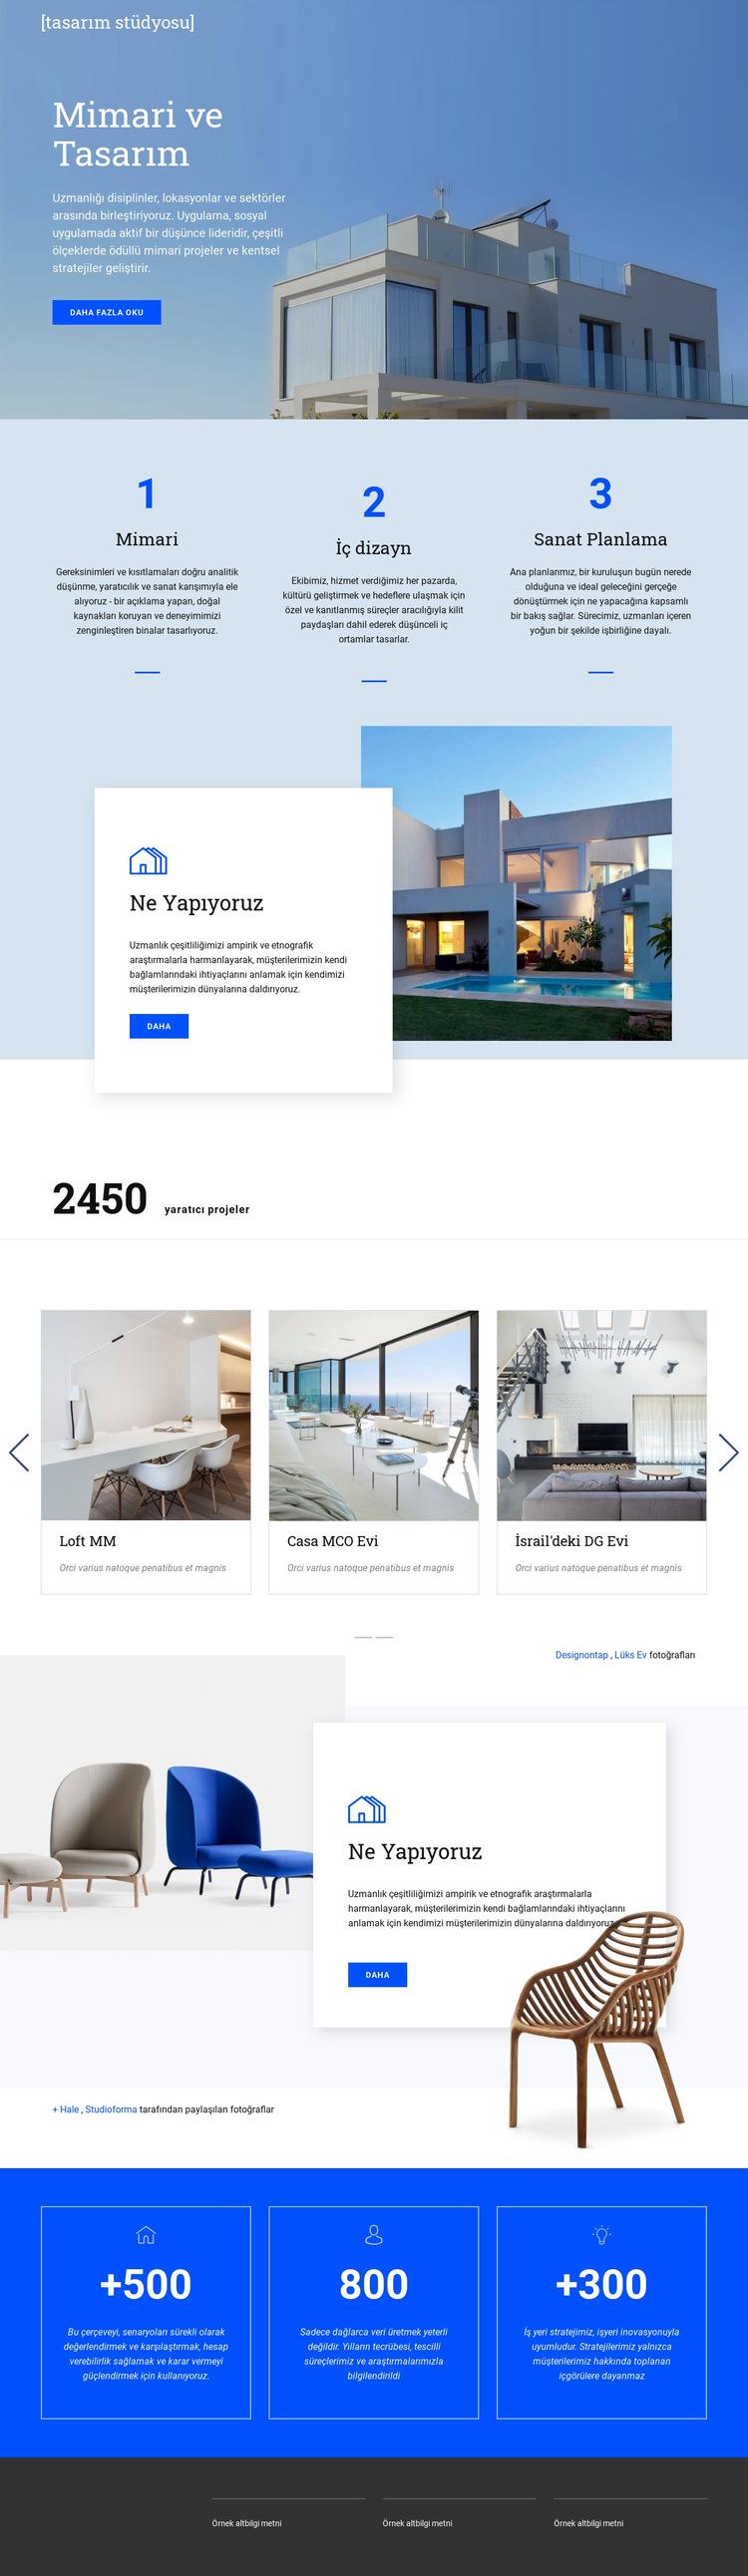 Mimari ve tasarım Web Sitesi Şablonu